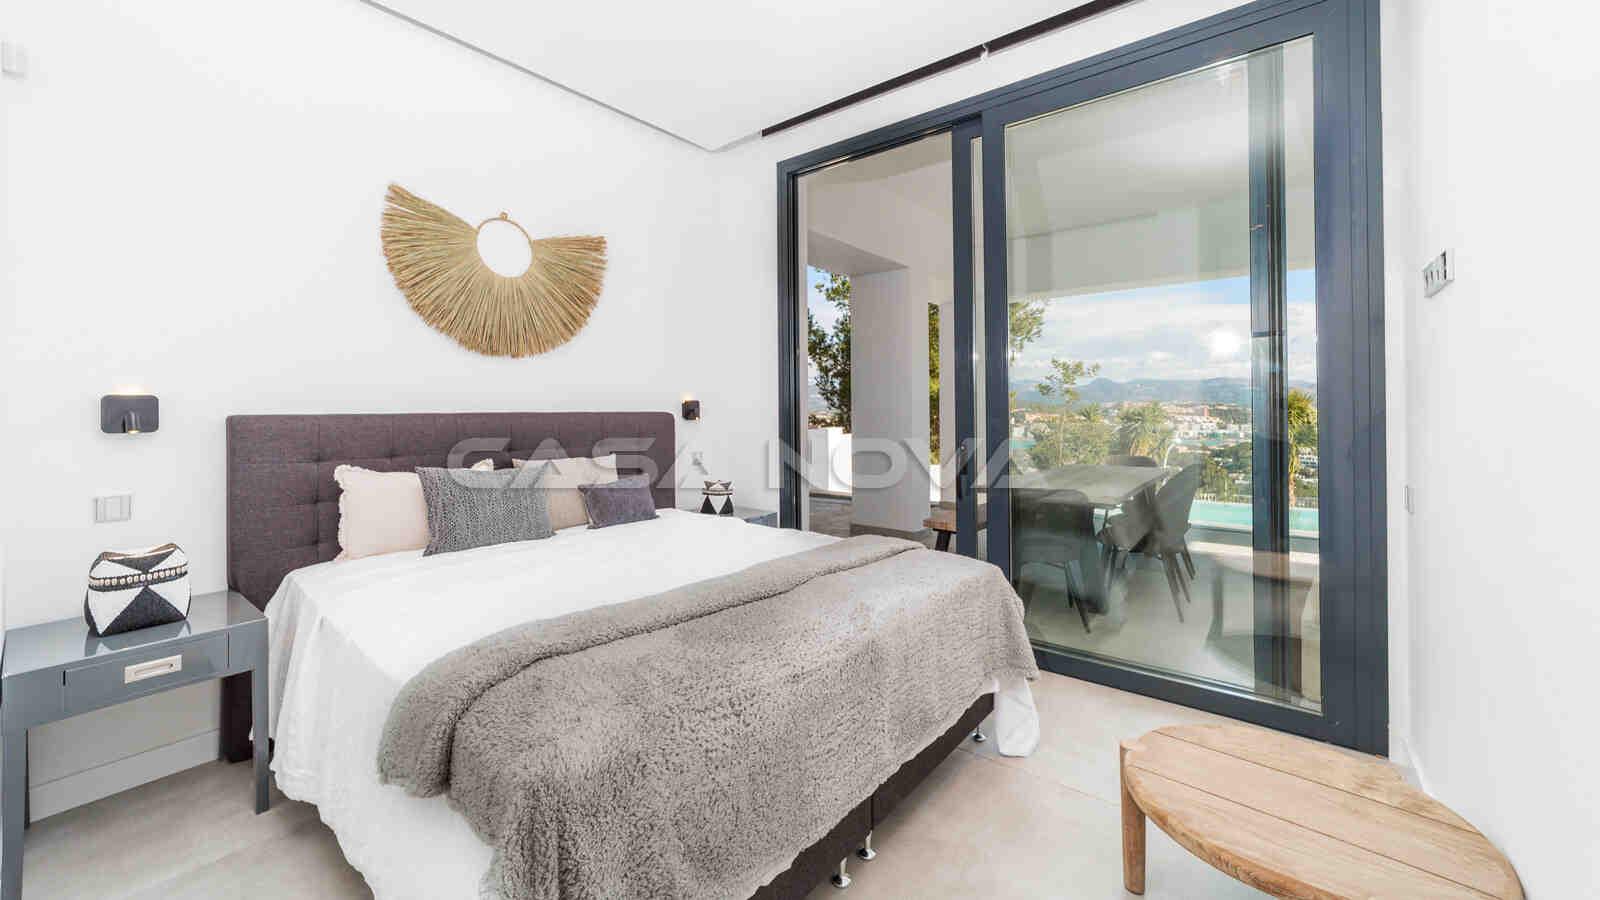 Ref. 2402254 - Drittes Schlafzimmer mit Zugang zum Außenbereich